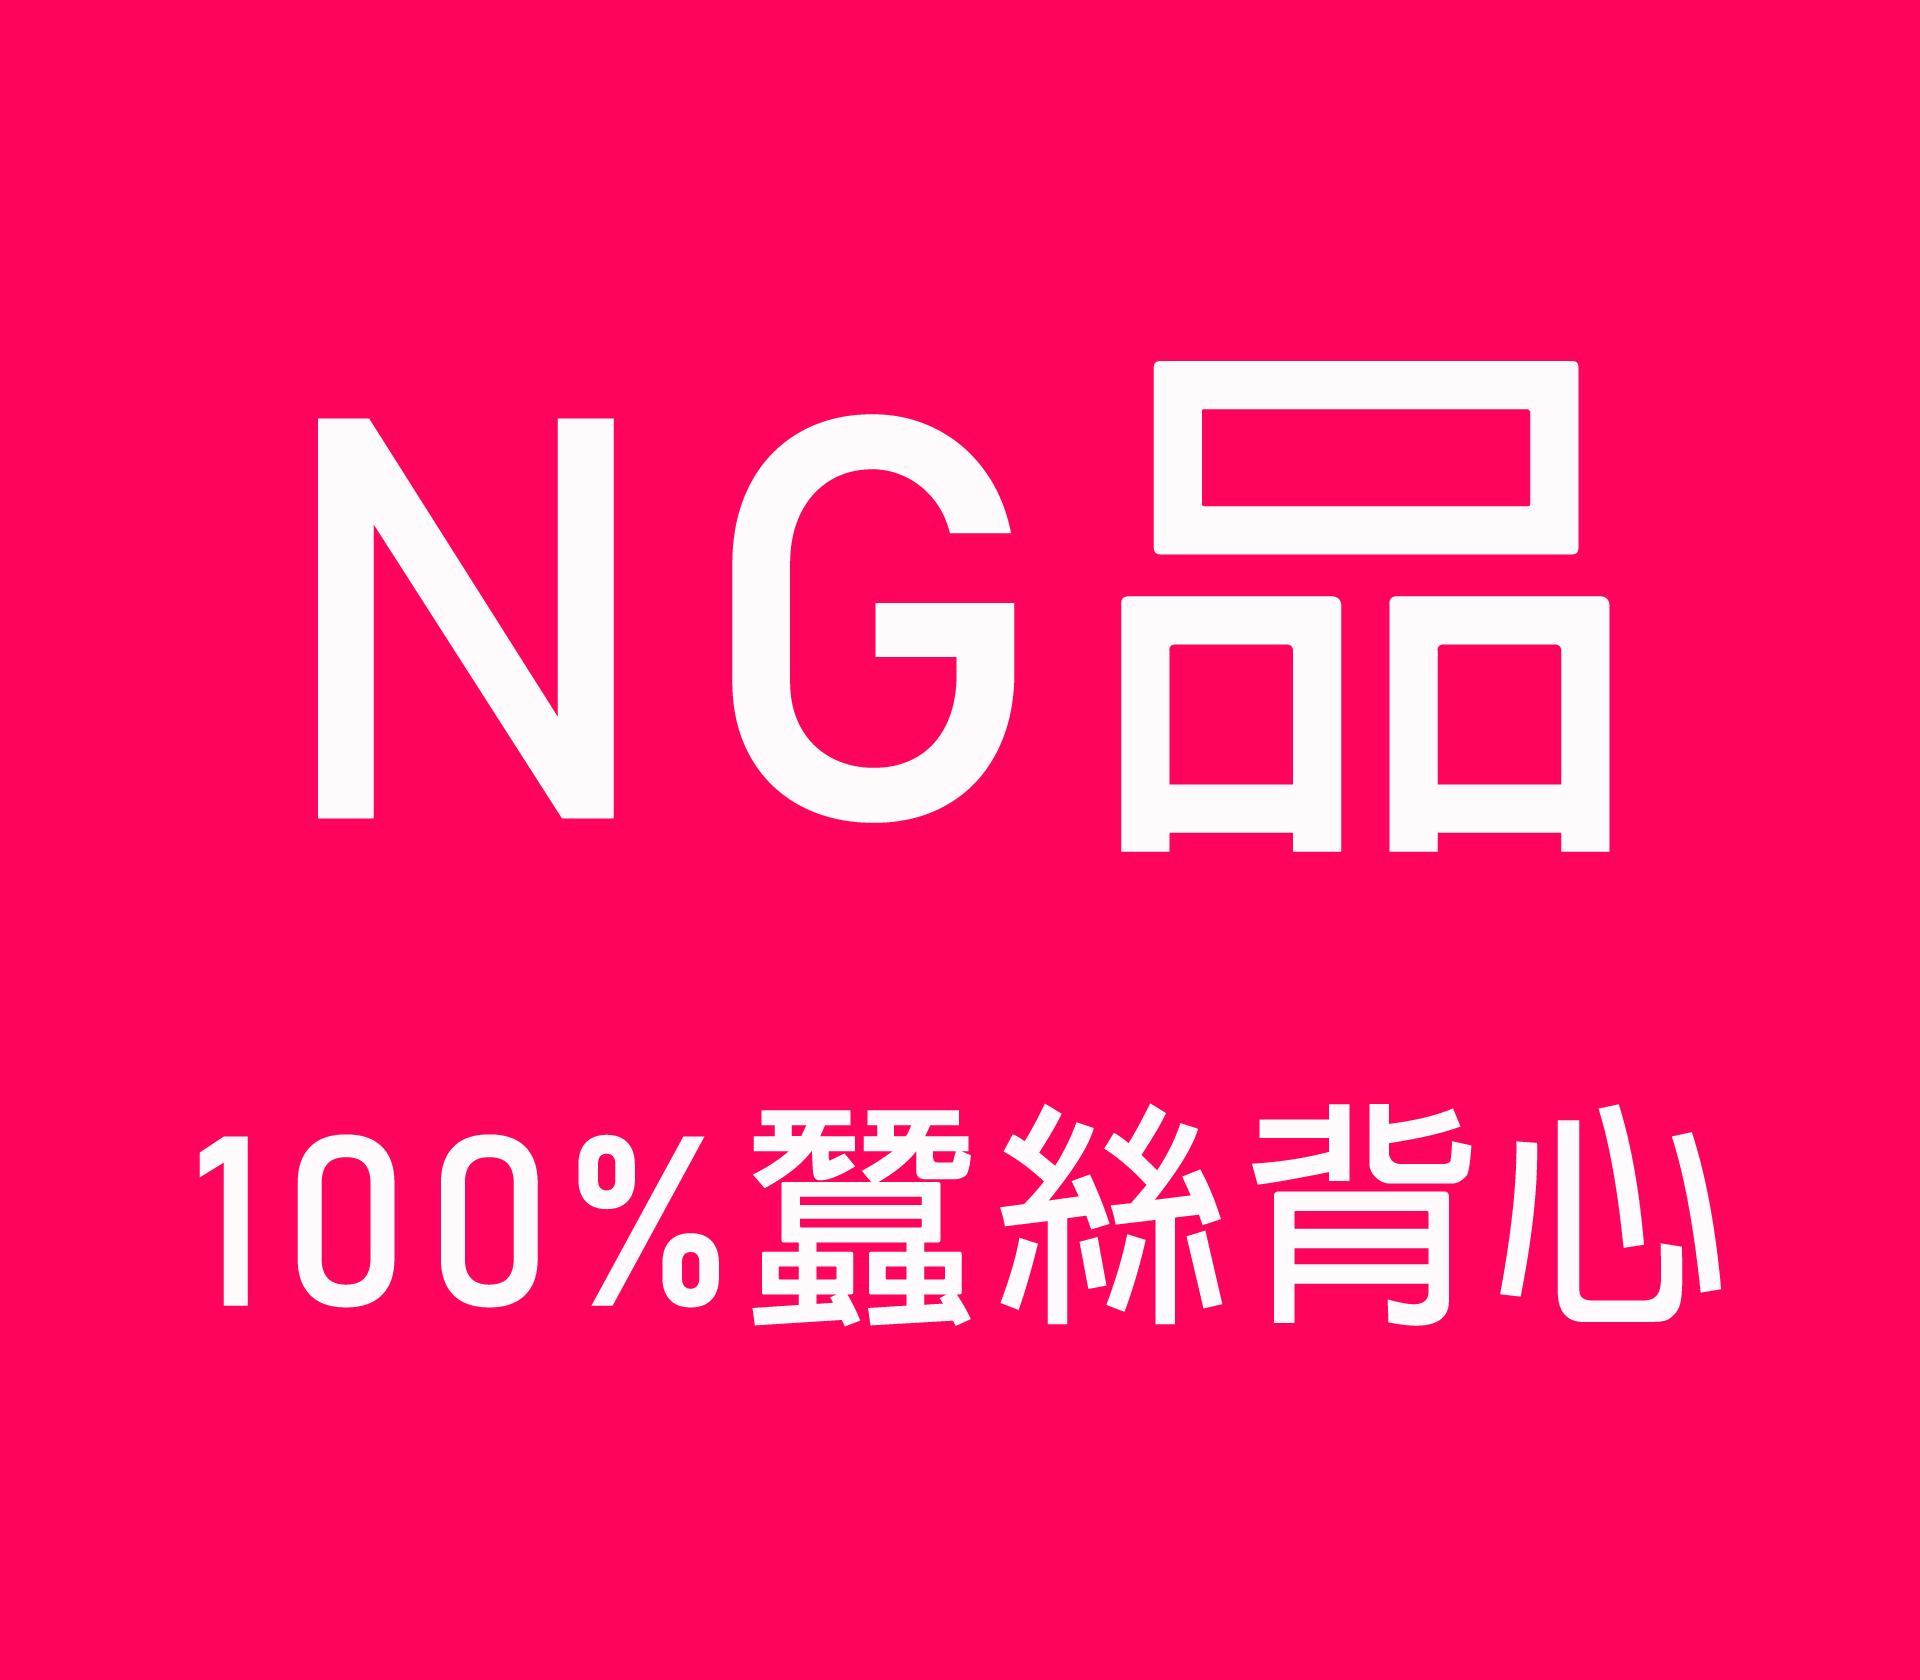 闕蘭絹親膚舒適100%蠶絲背心-9910 (瑕疵商品/隨機出貨)